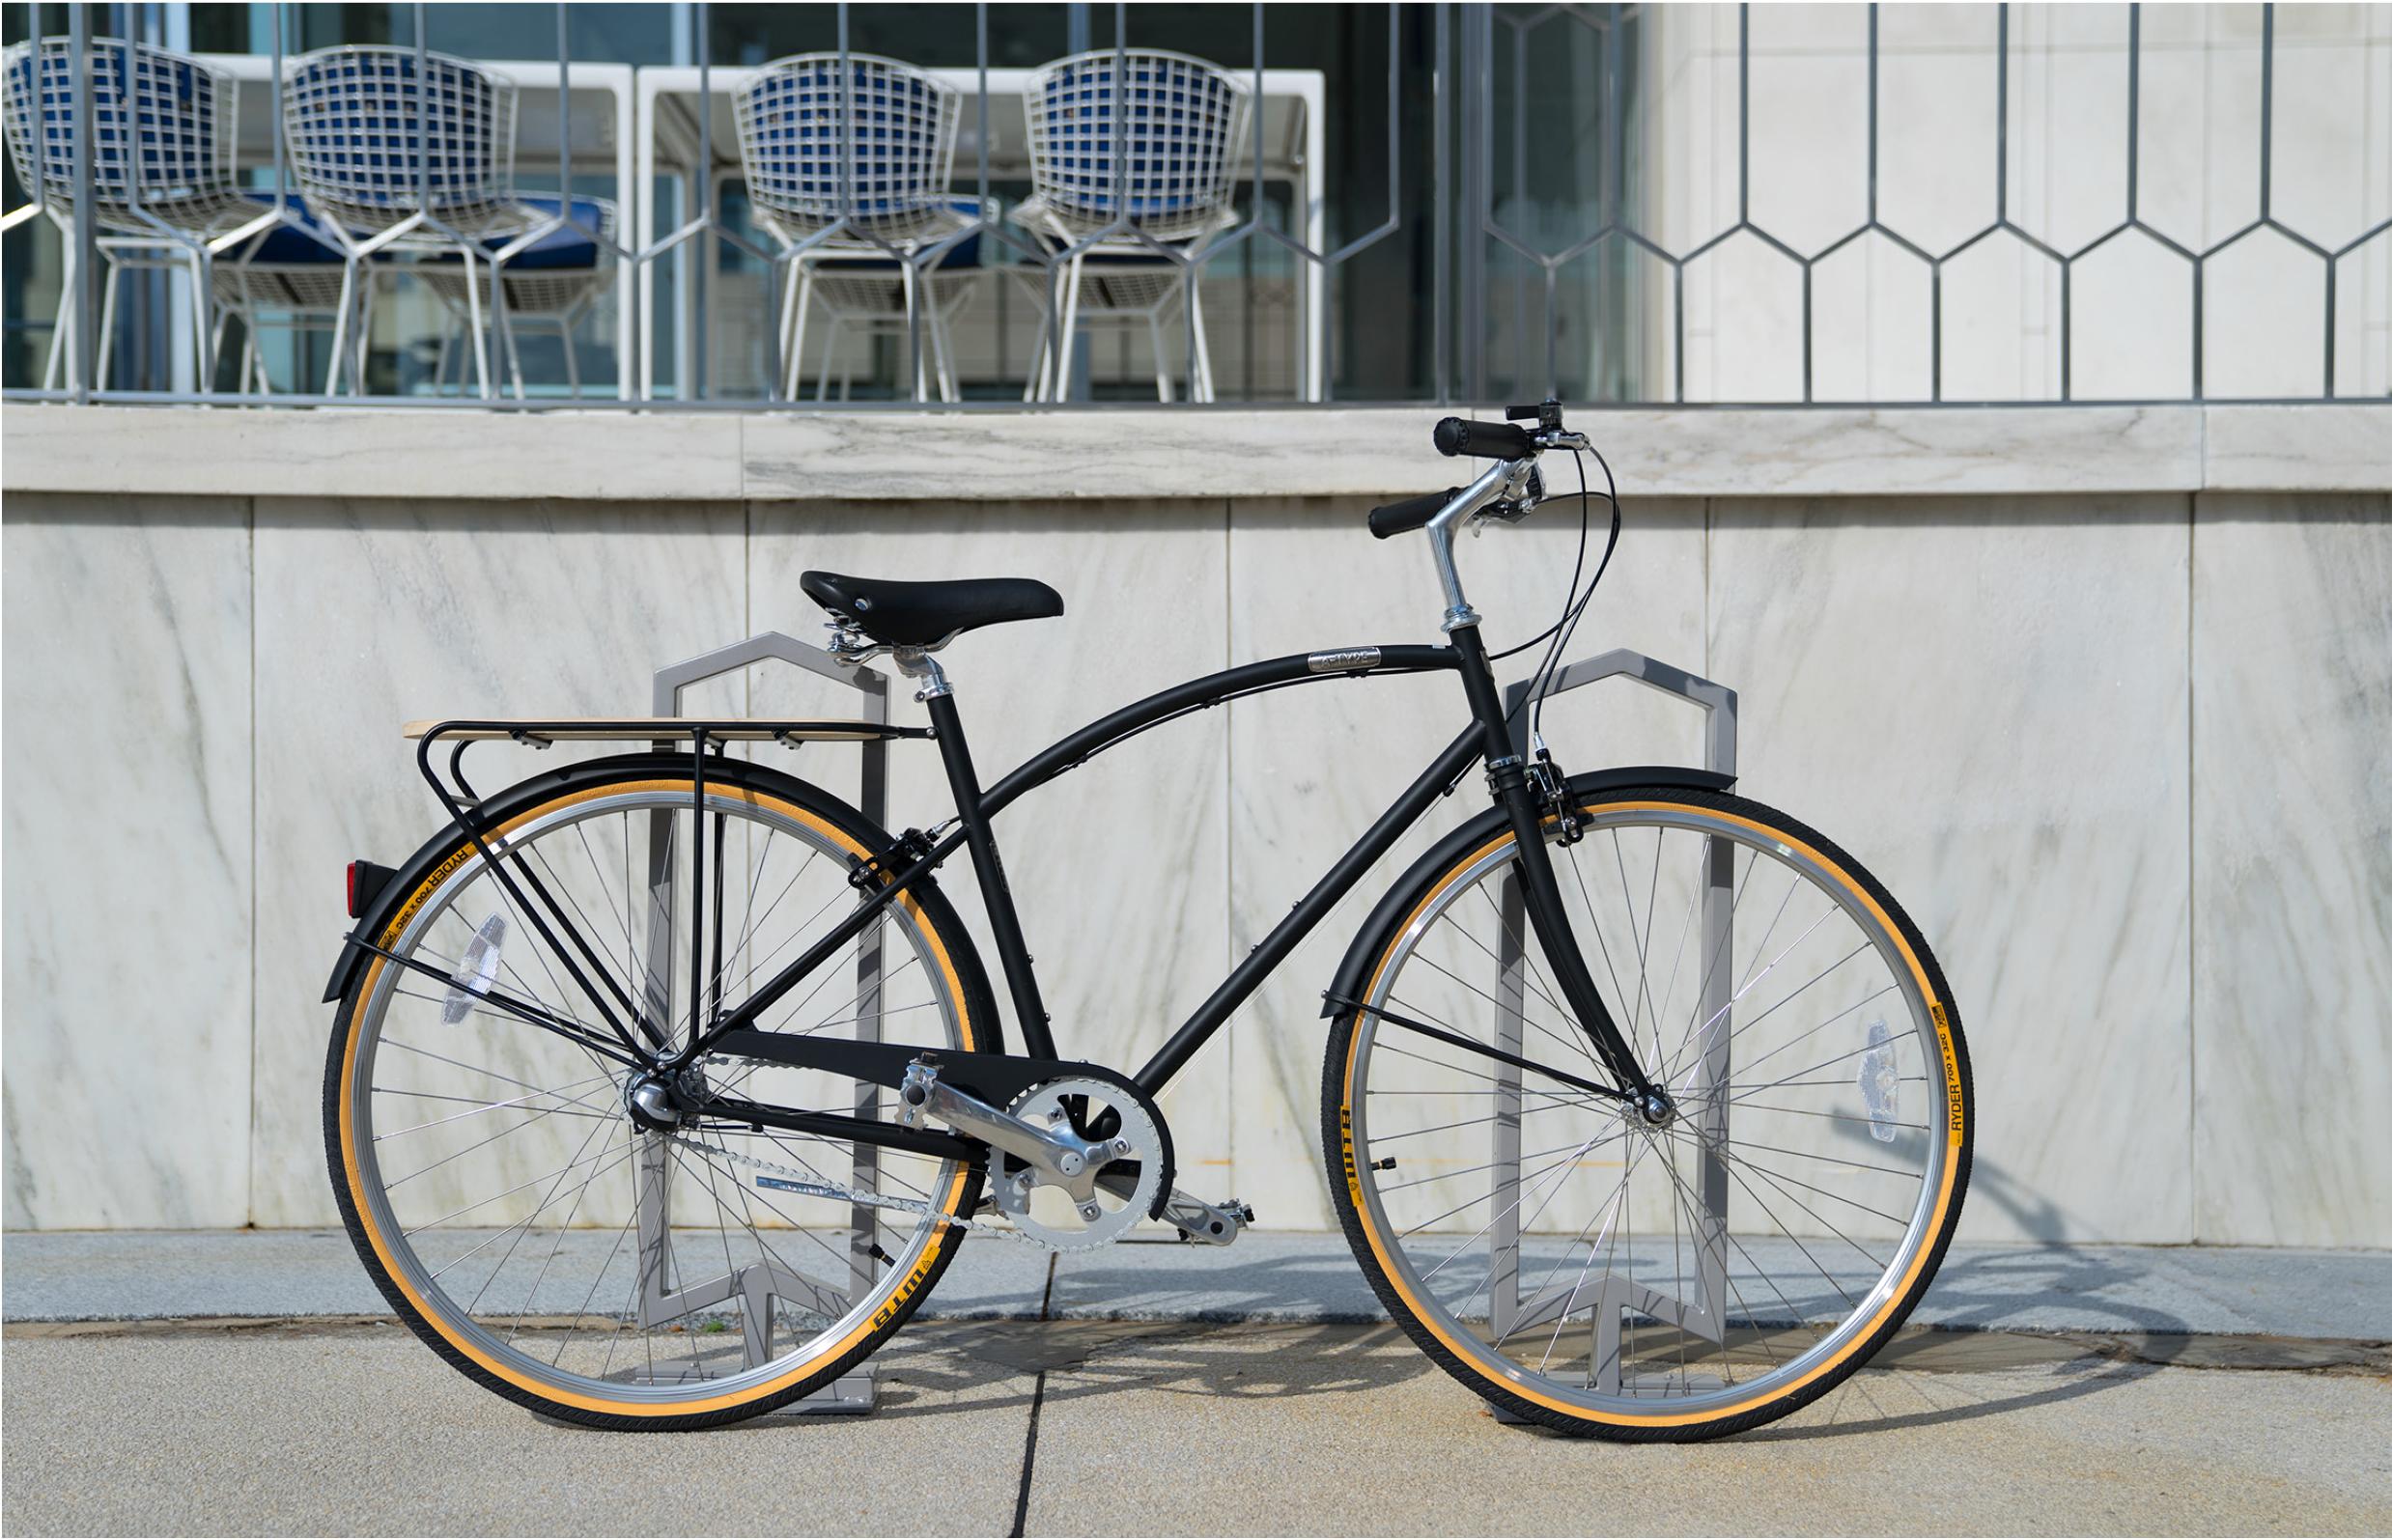 2019_0312_dPOP_DesignWeekAwards_BikeRacks_Rev3_CF4.jpg